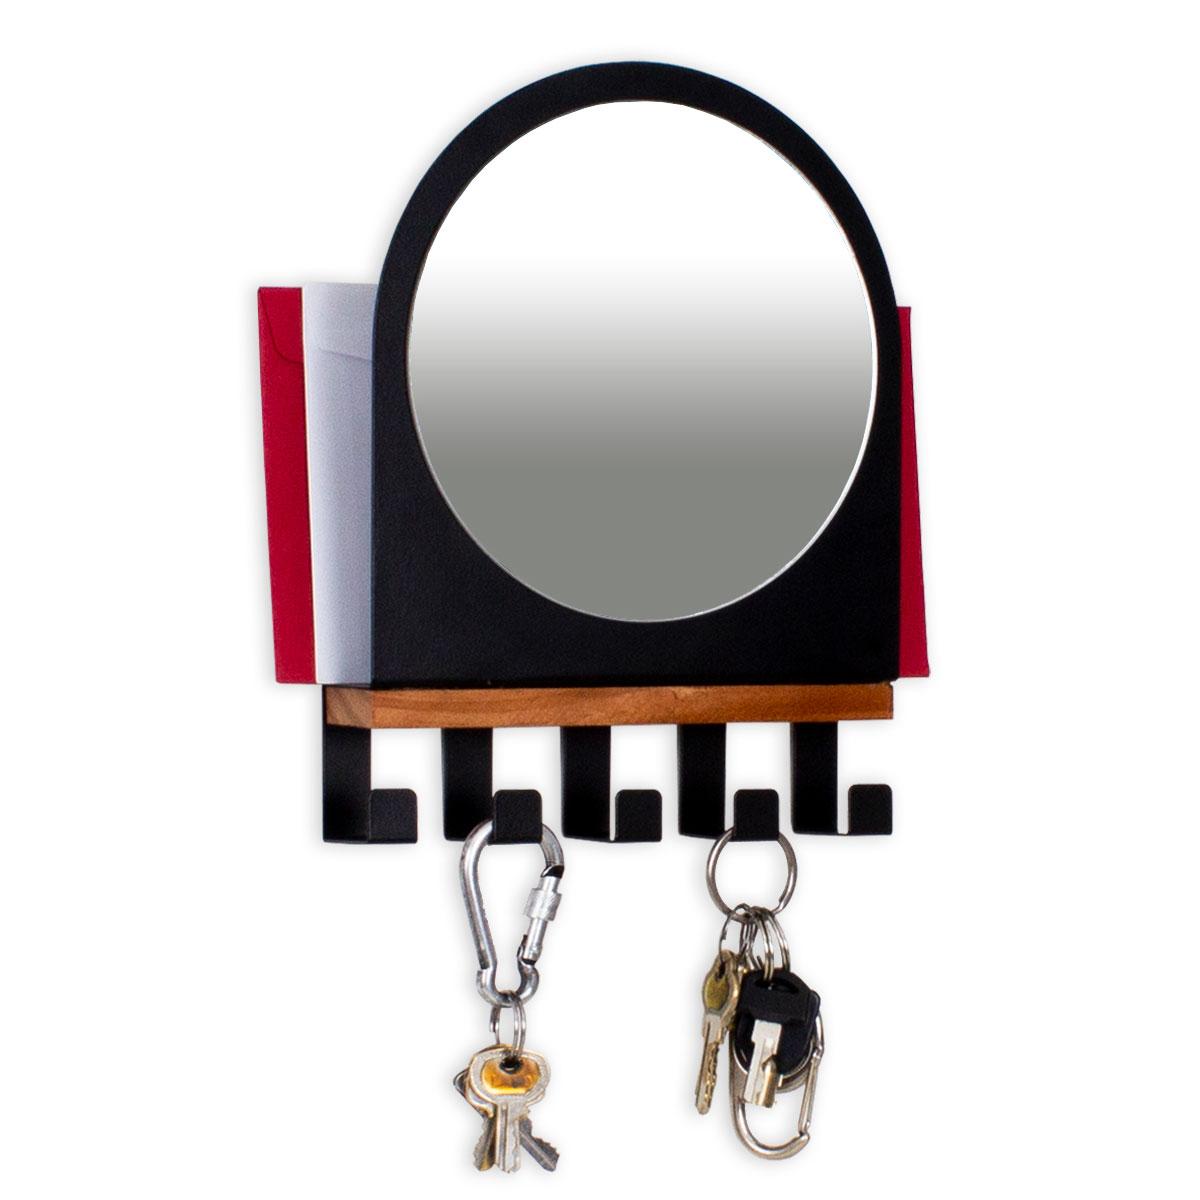 Porta Chaves e Cartas com Gancho Espelho Preto - Presente Super